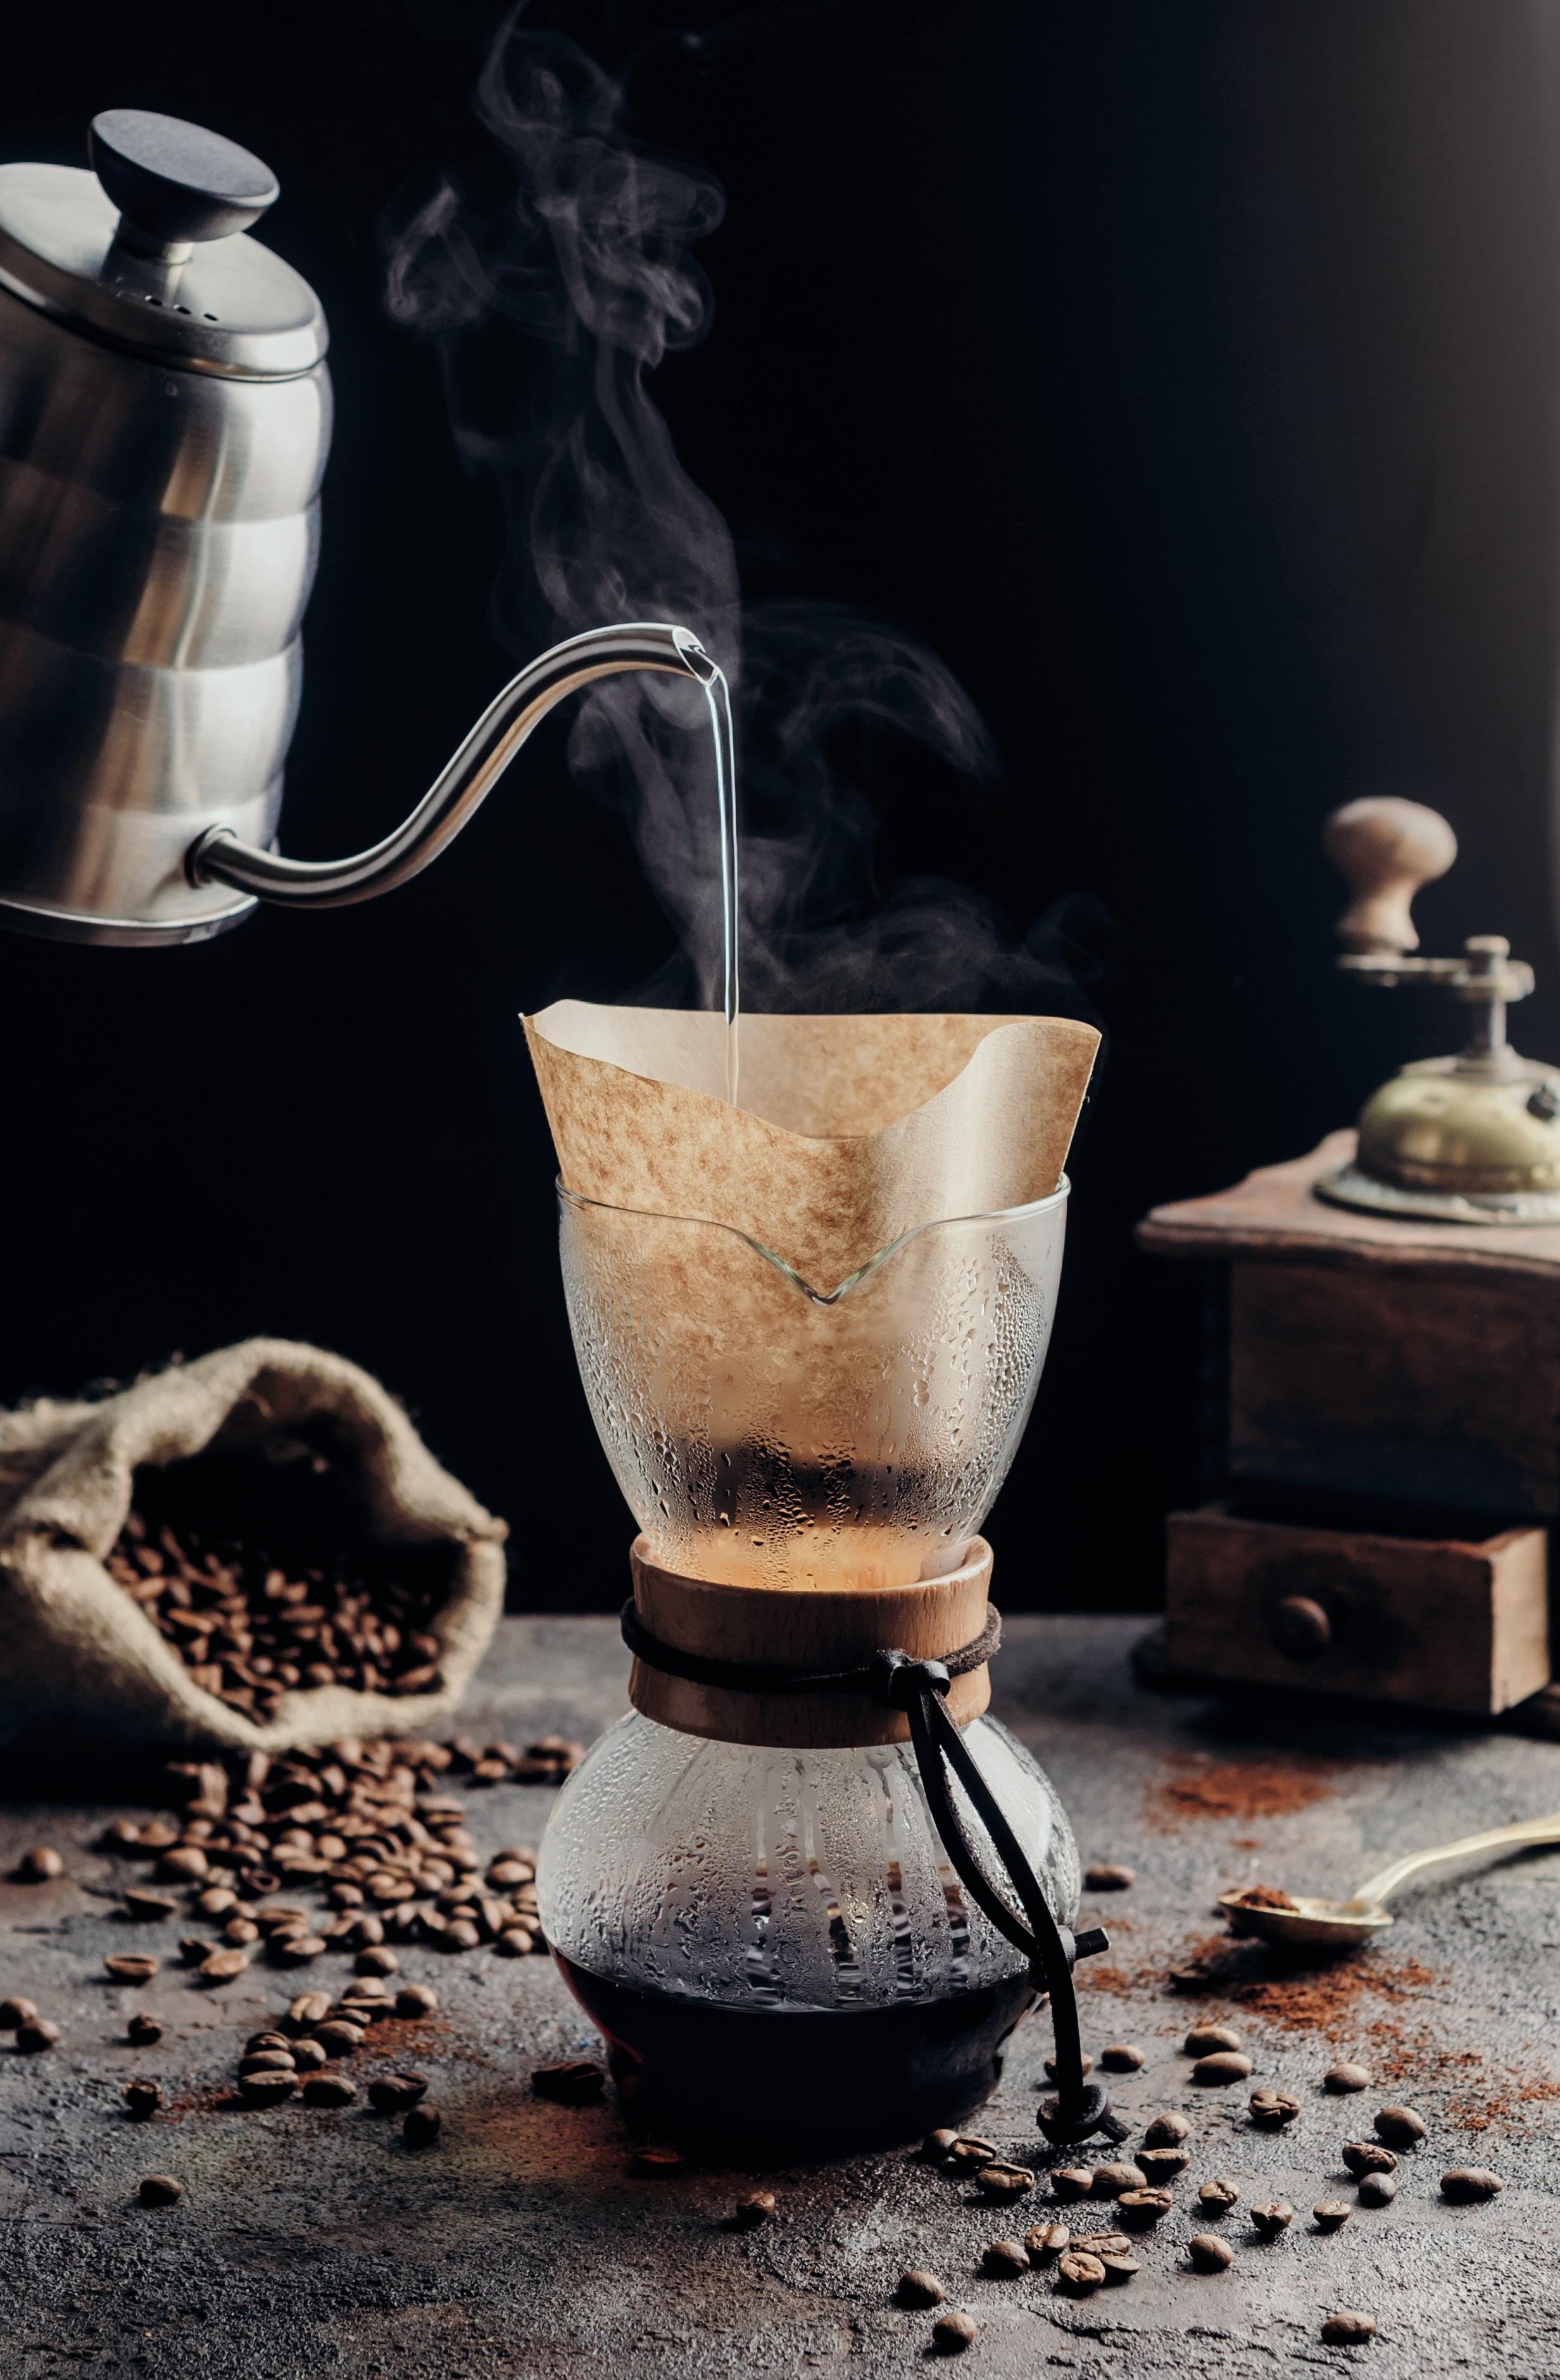 Café préparation